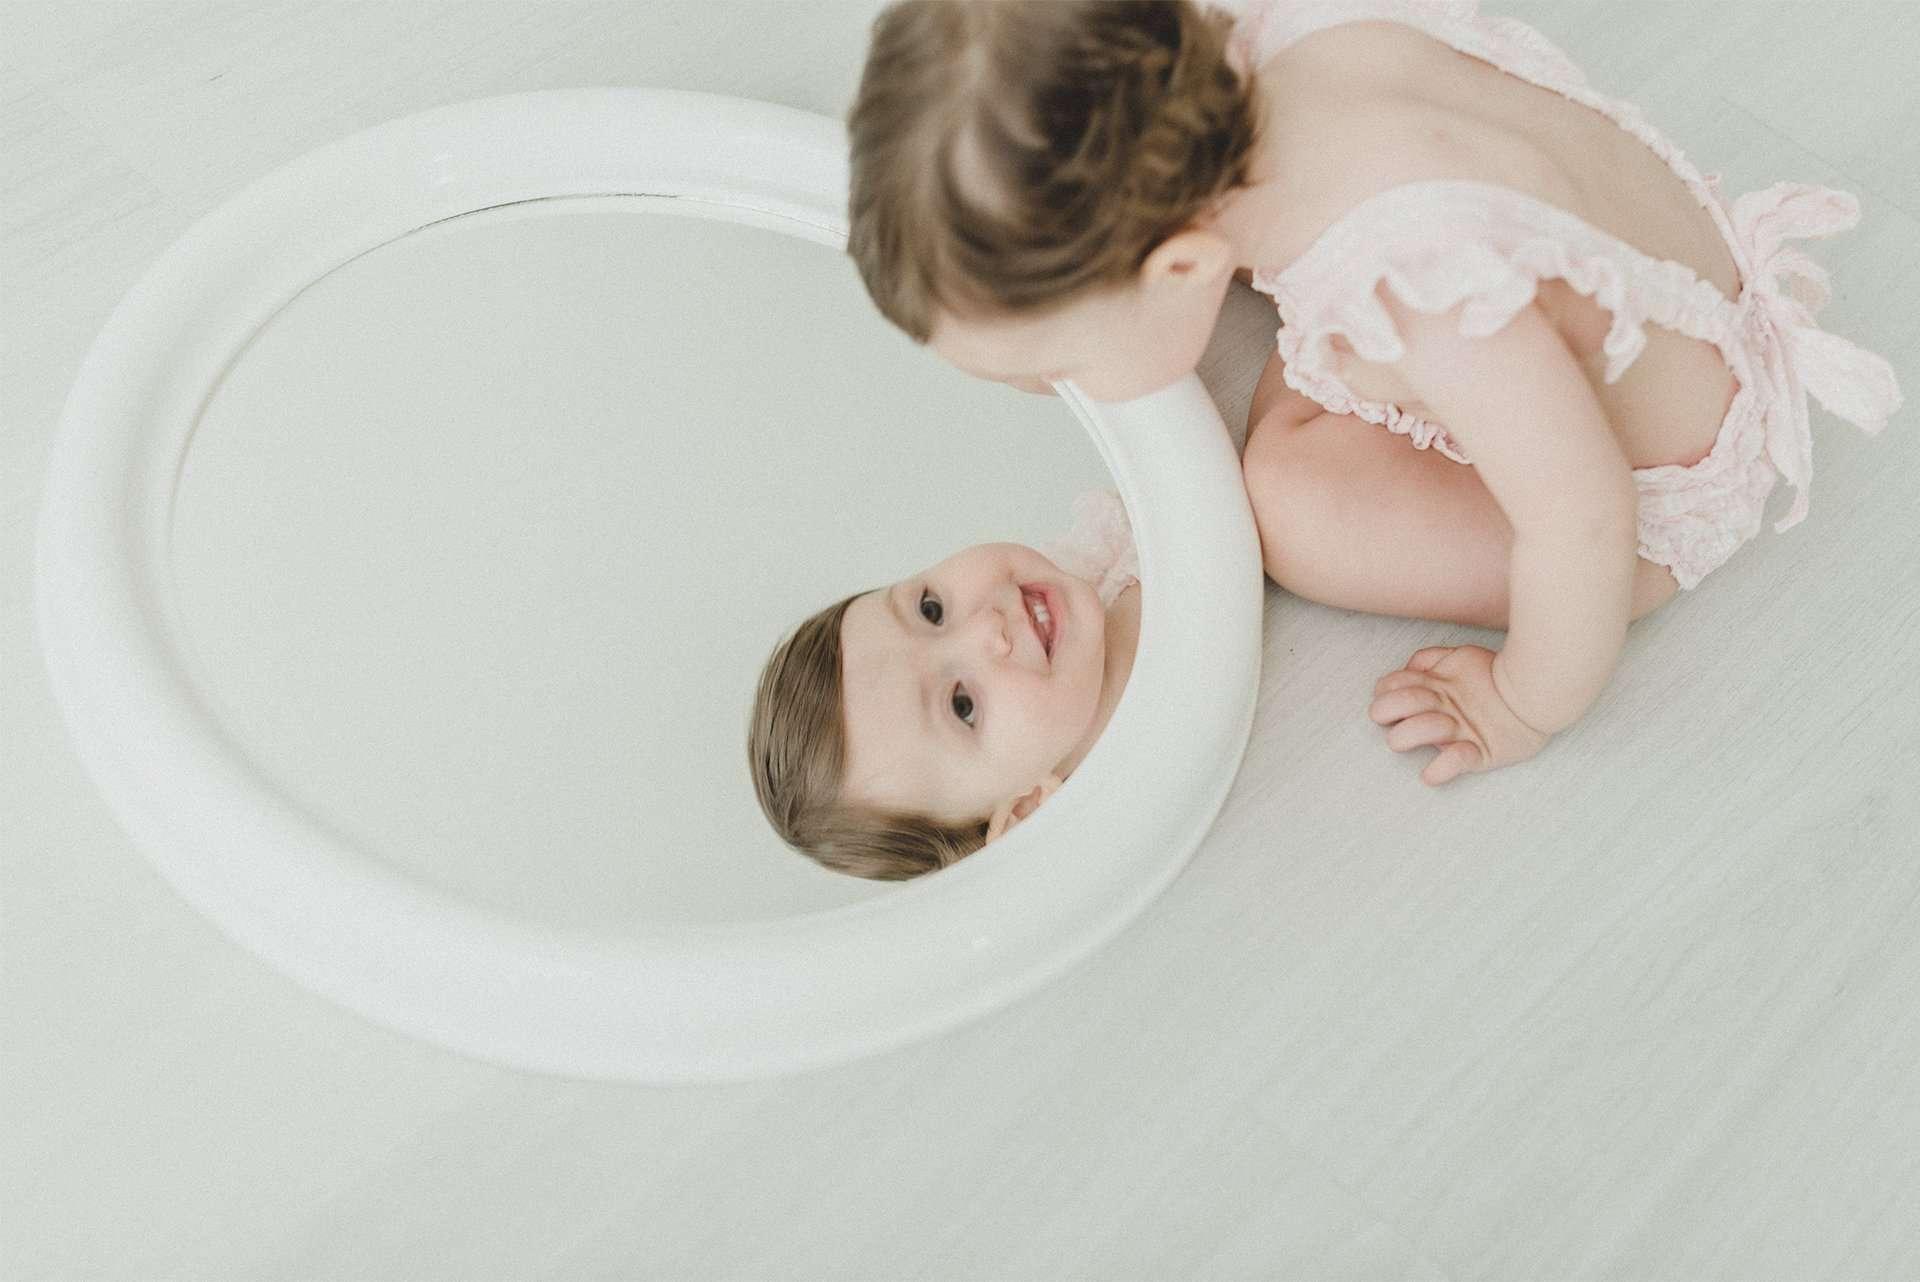 Fotografia bambina che si specchia realizzata da Barbara Trincone Fotografo specializzato in Gravidanza, Maternità, Genitorialità, Nascita e Newborn a Napoli, Avellino, Salerno, Caserta